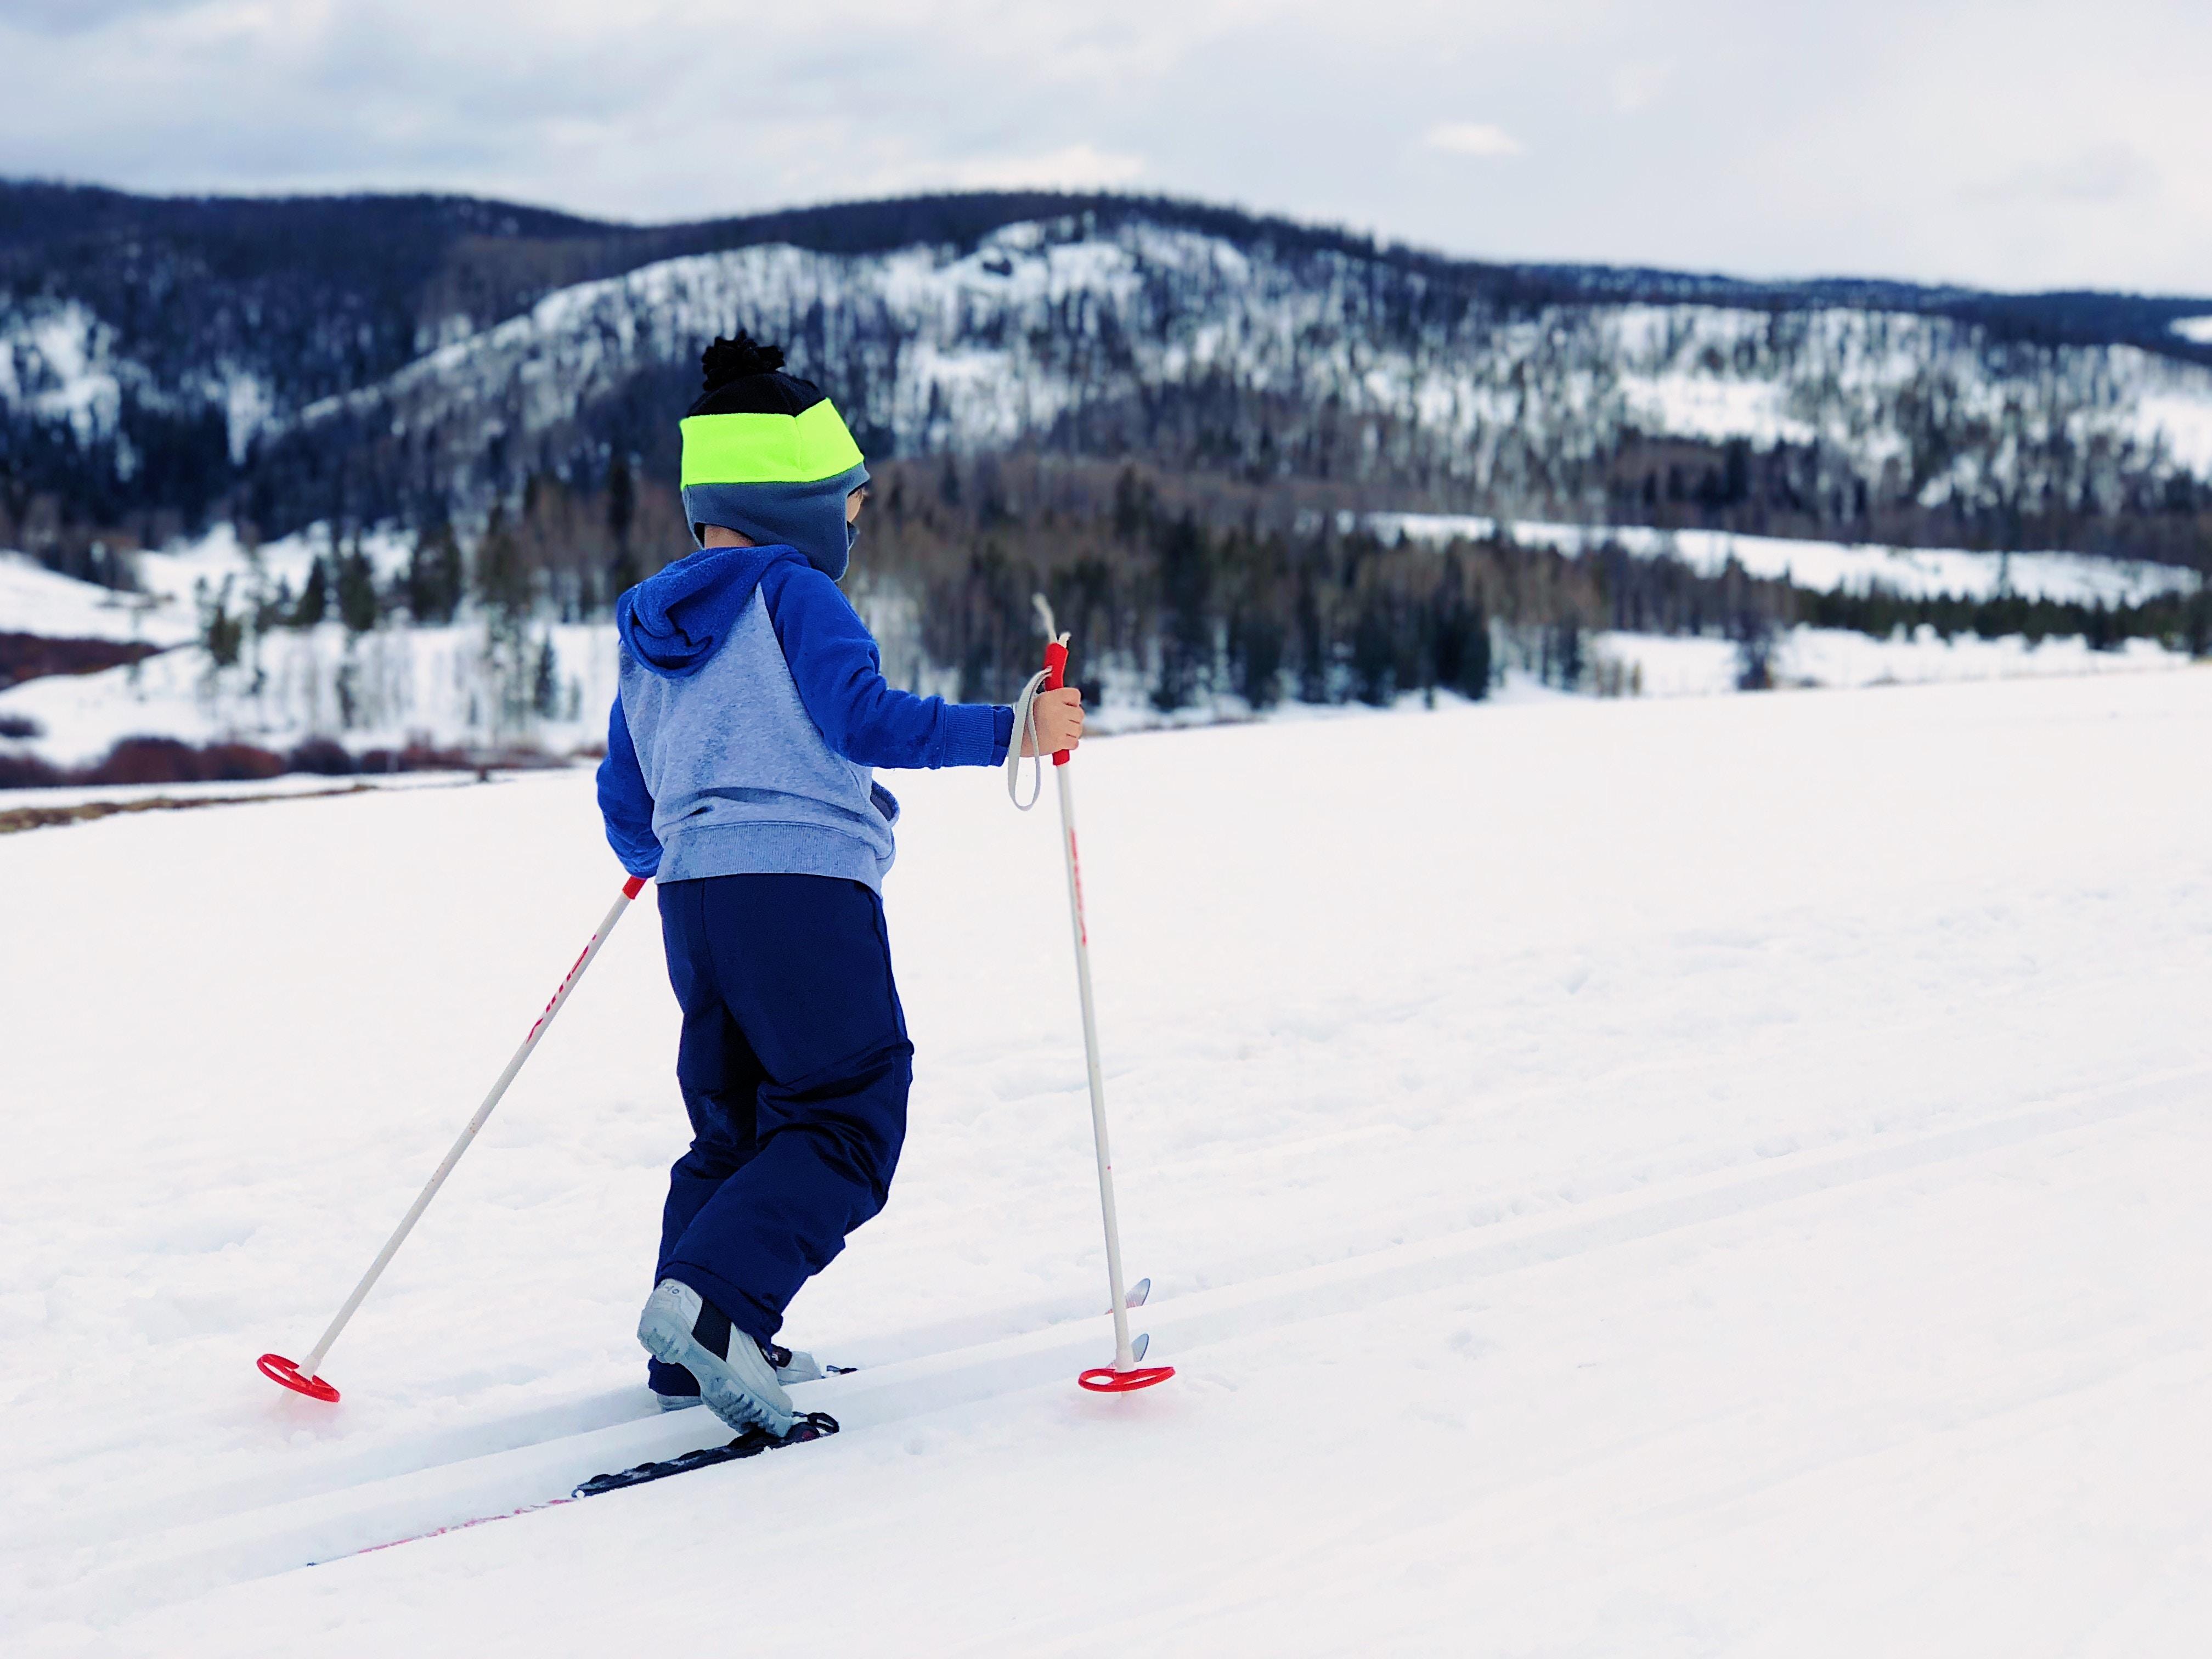 Voorbereid op wintersport - kind ops kies